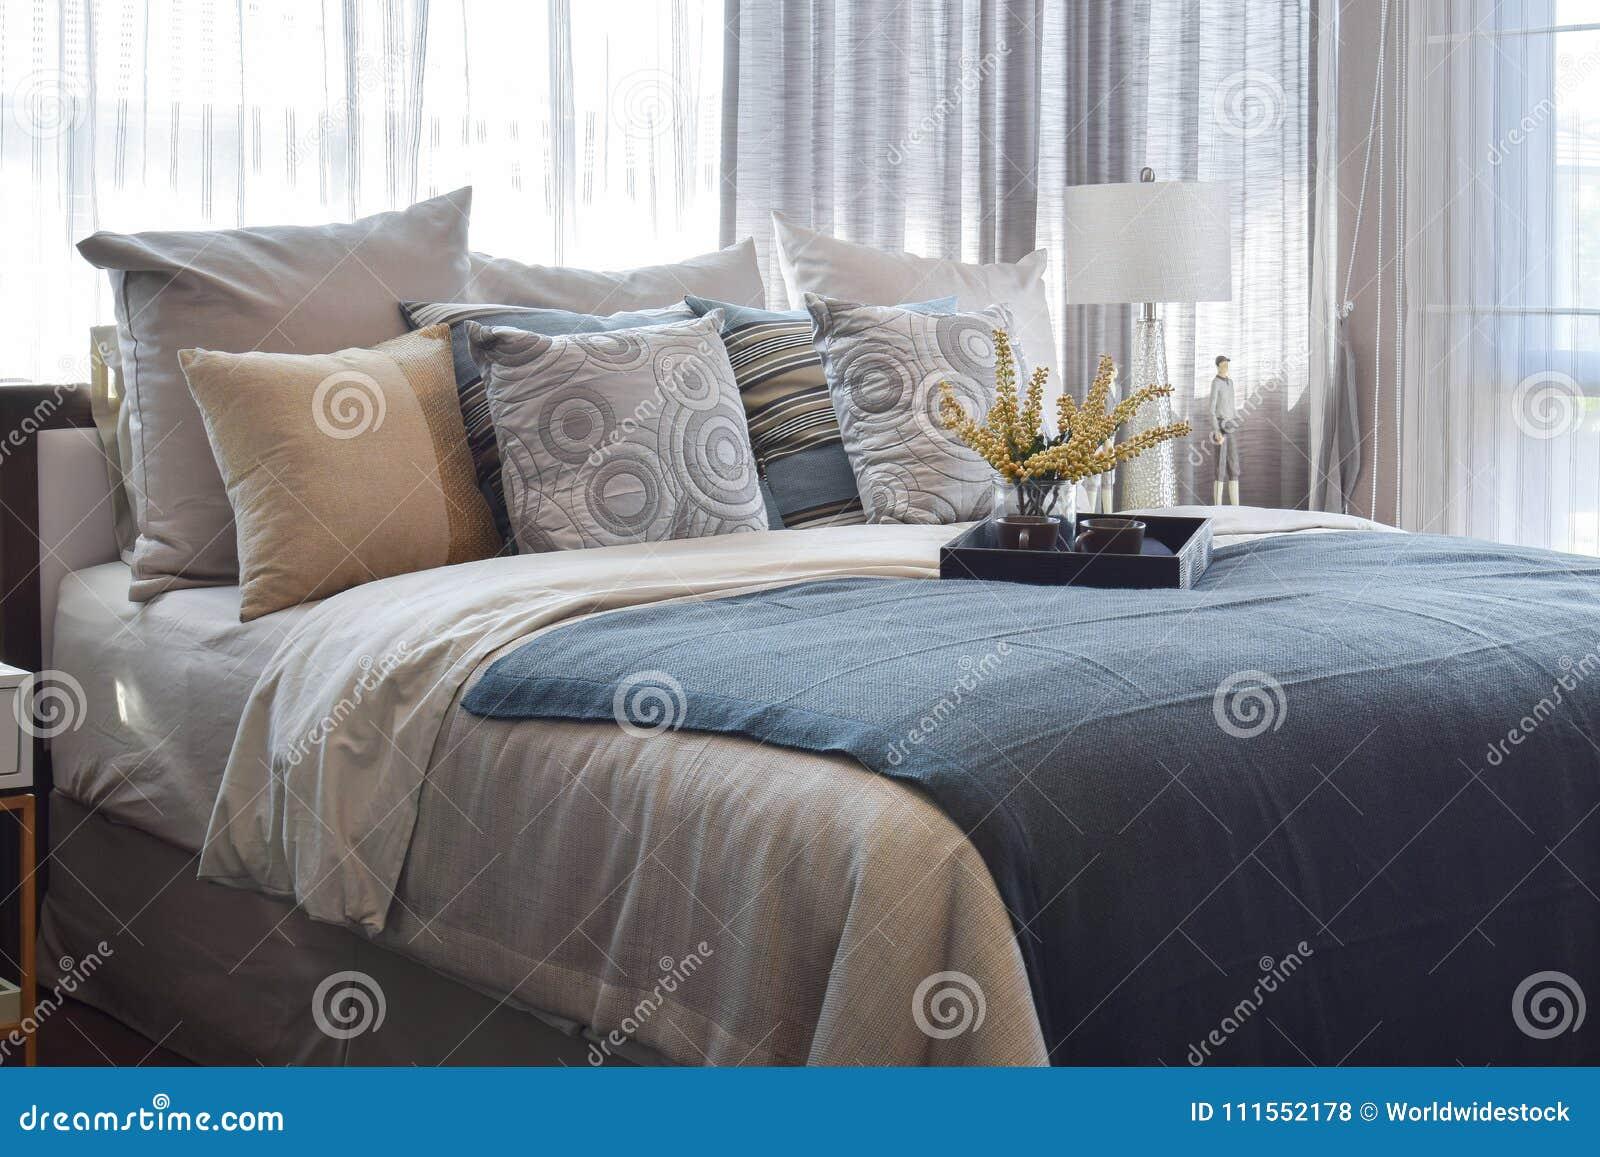 Chambre à coucher de luxe avec les oreillers rayés et service à thé décoratif sur le lit